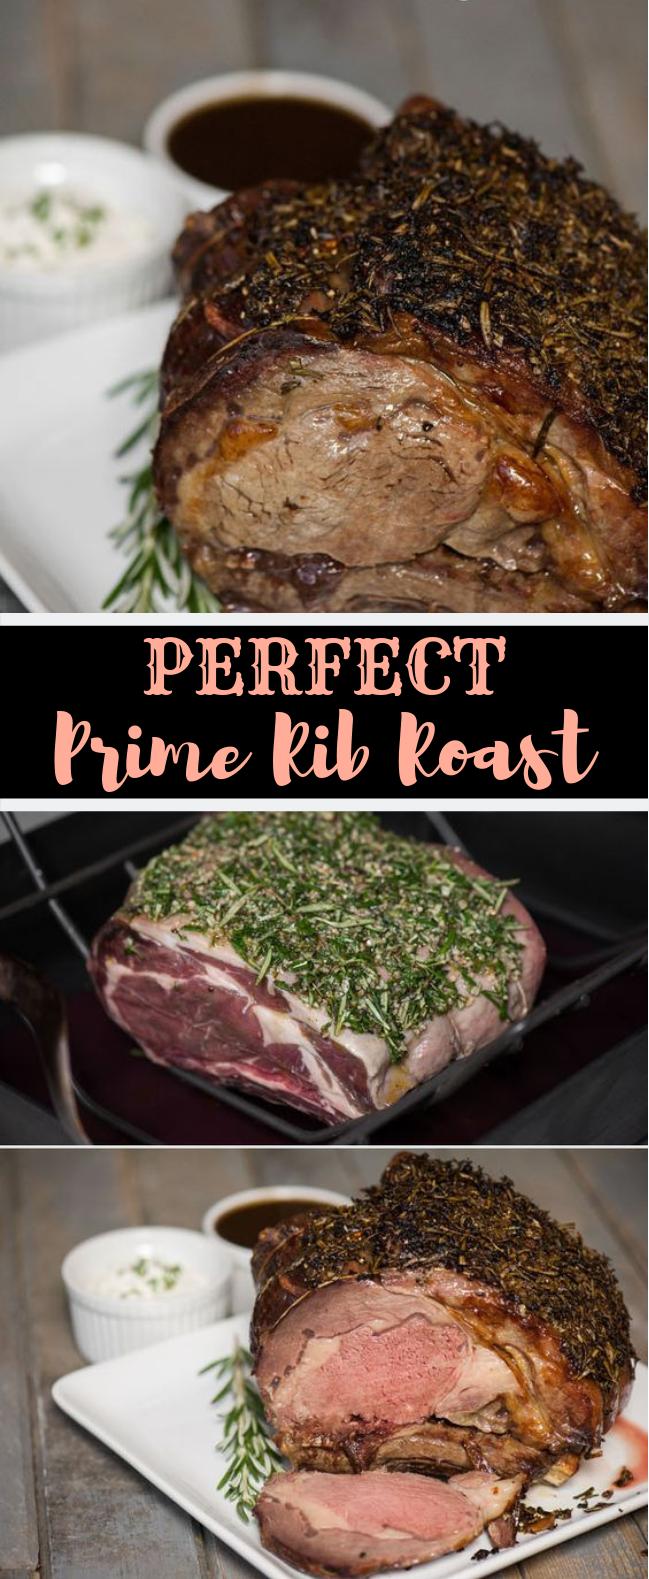 PERFECT PRIME RIB ROAST #Dinner #HolidayFood